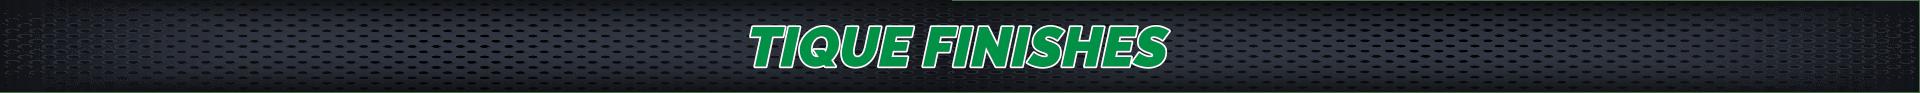 full_width_finishes_banner-min